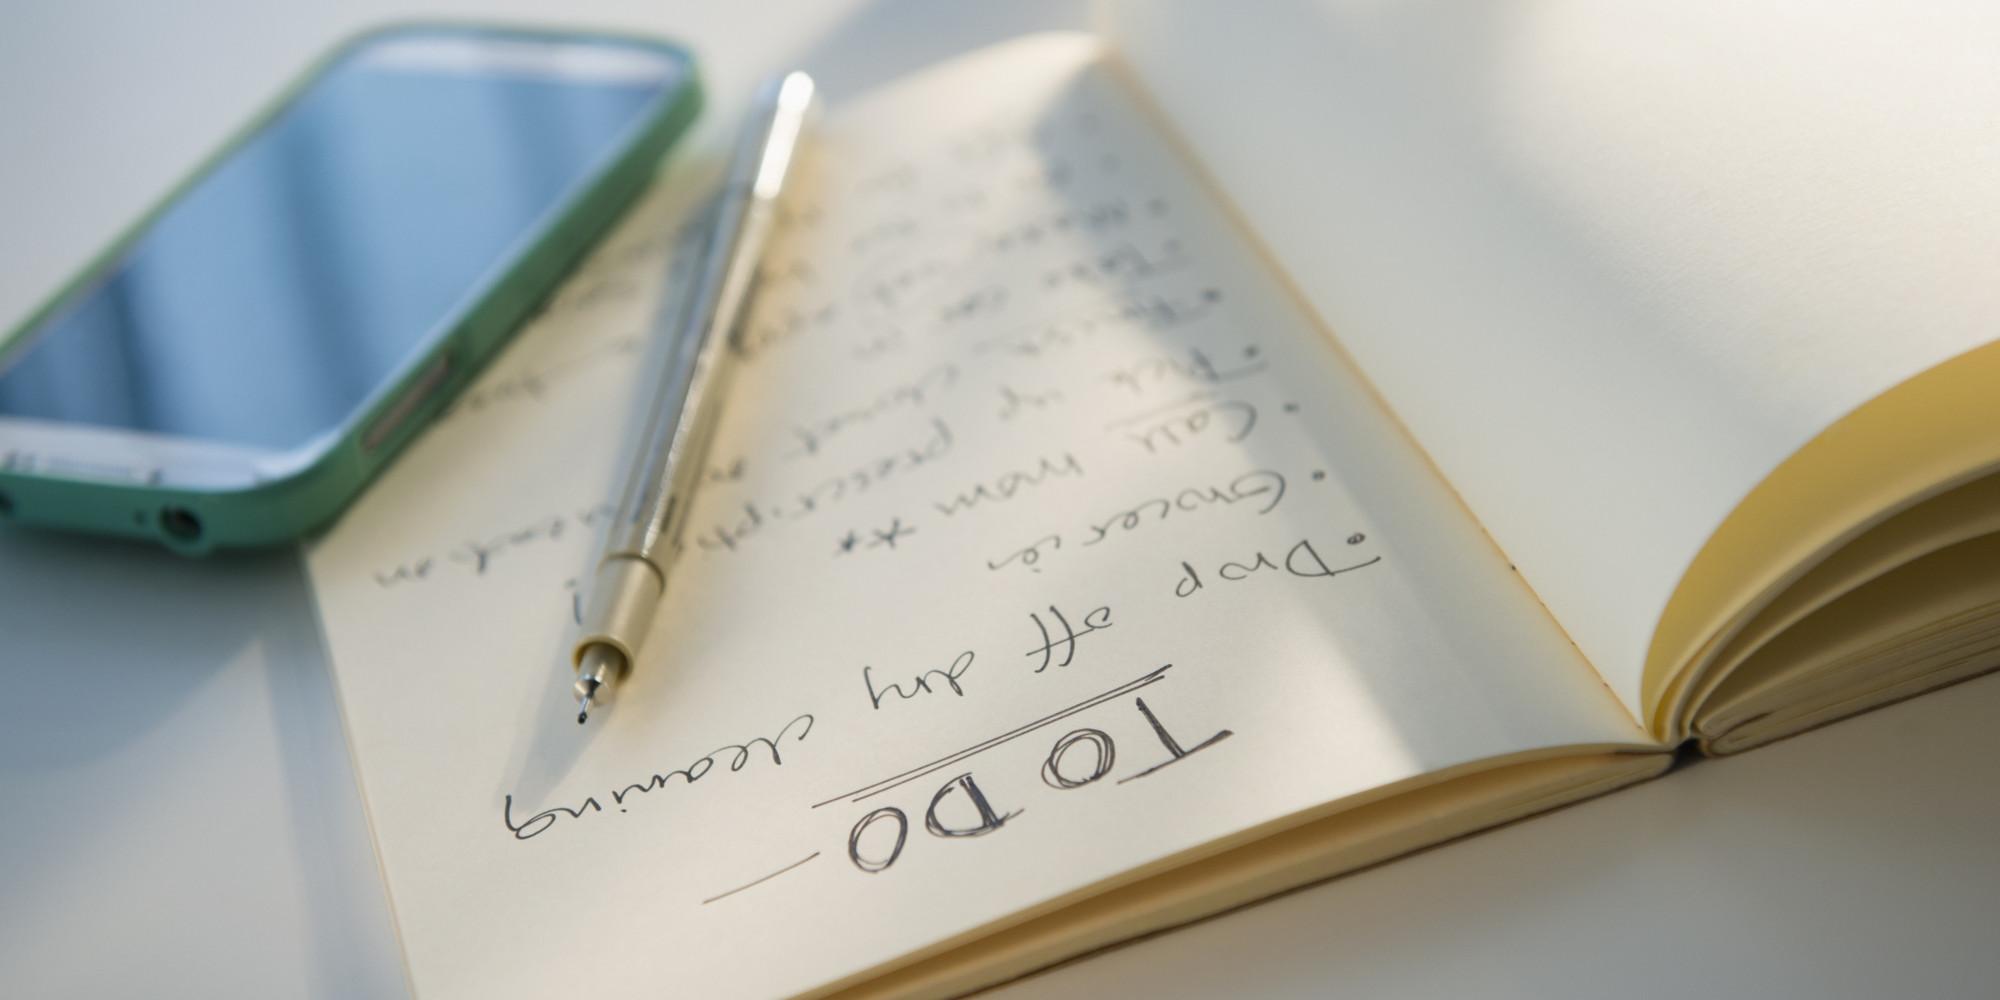 Өөрт чухал зүйлсээ жагсаан бич